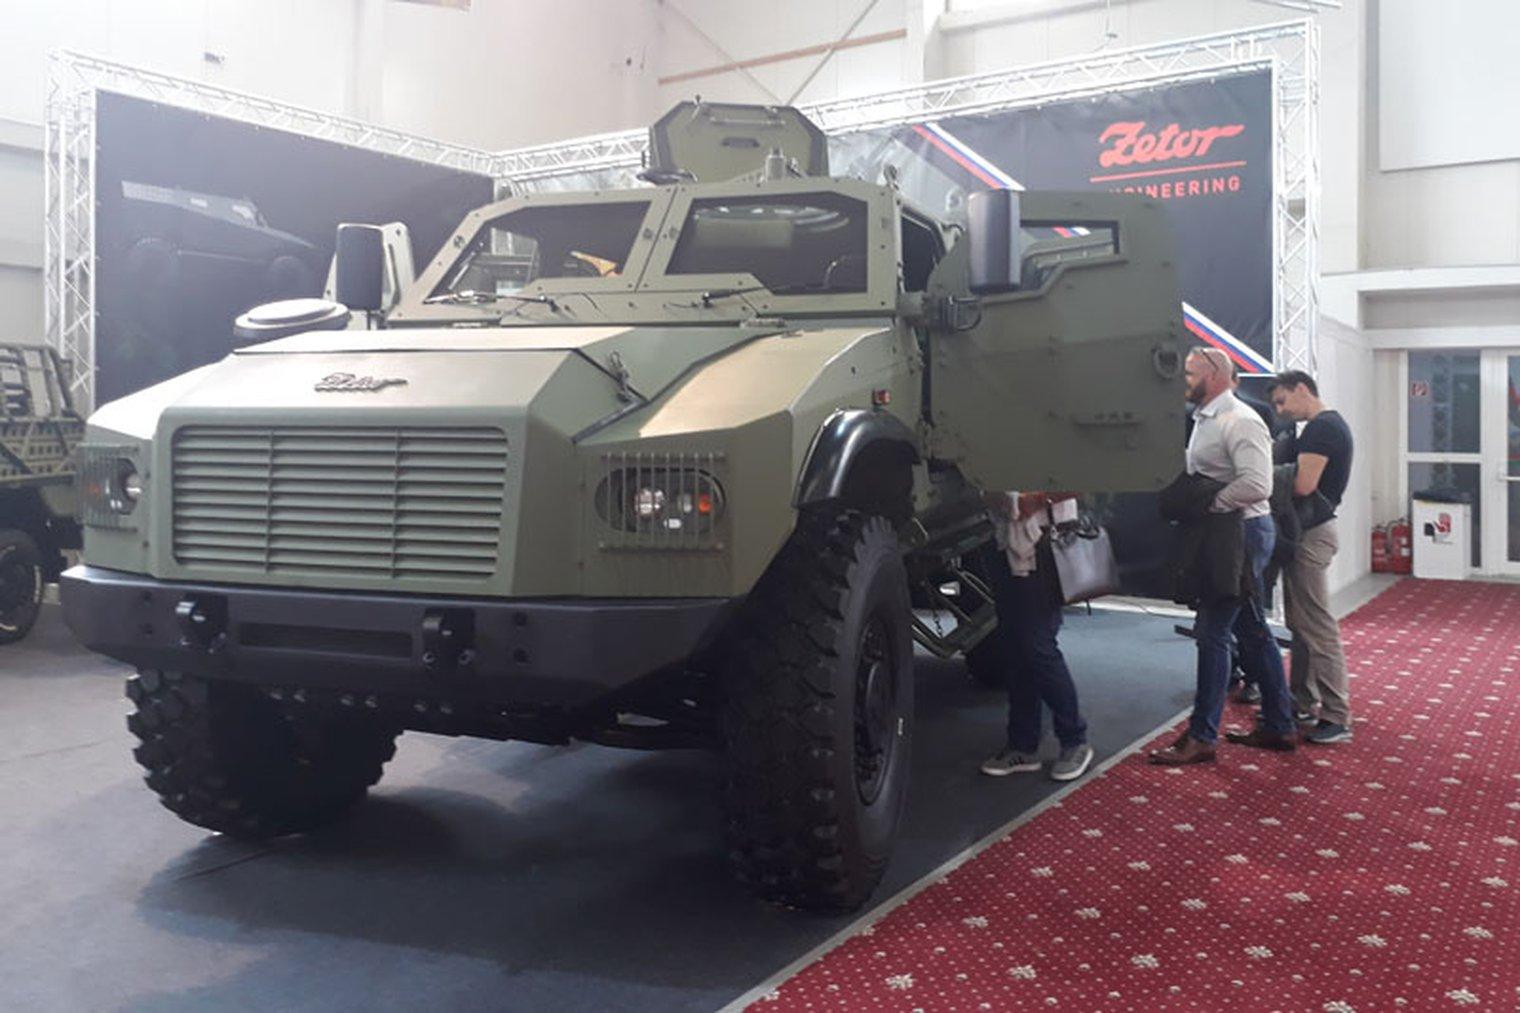 شركة Zetor الهندسيه التشيكيه تكشف عن العربه المدرعه  Gerlach  6b47e386e4819395812bdccb08117a16